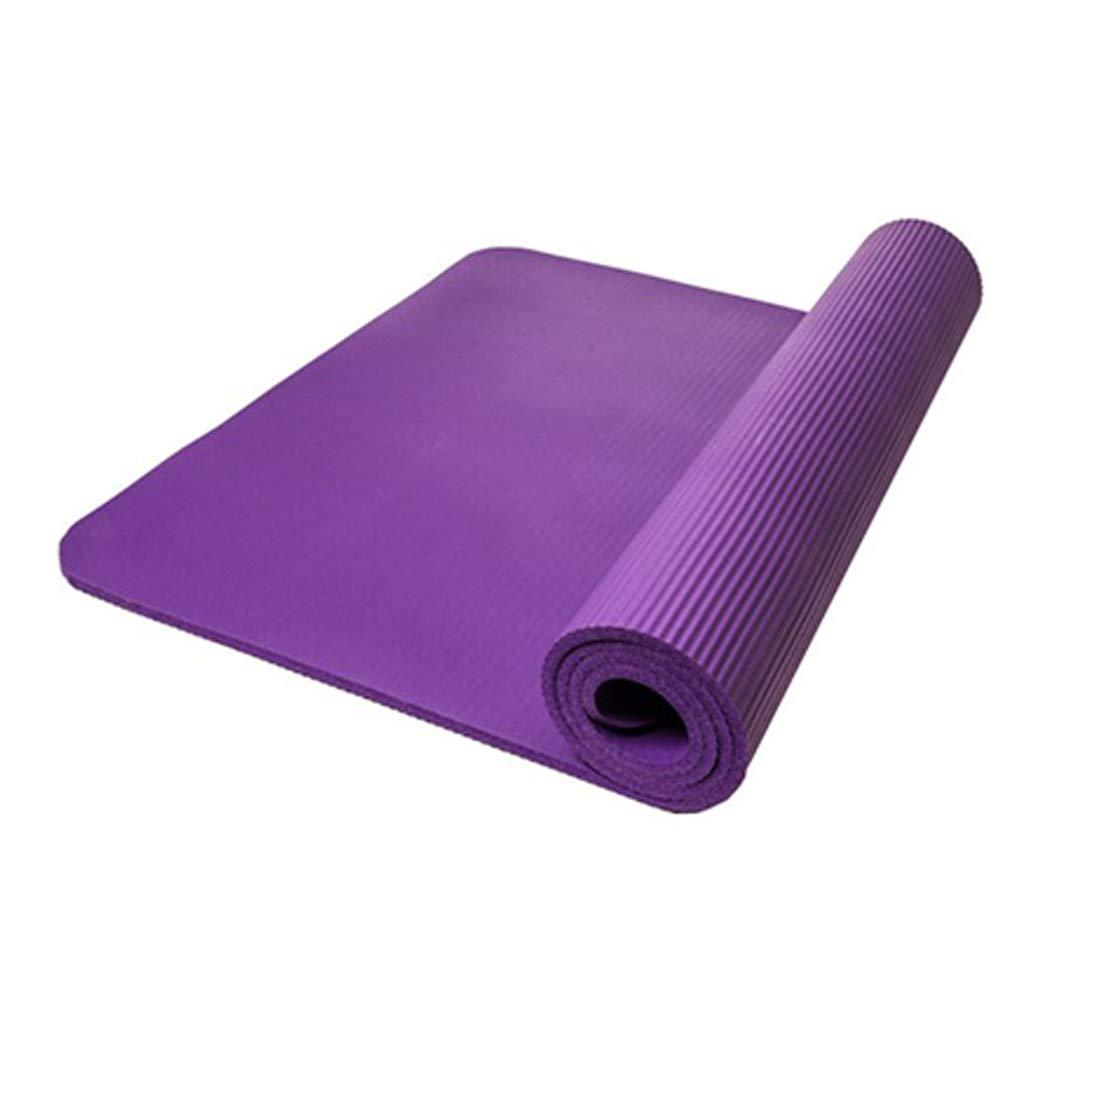 WEATLY Bodybuilding, Anti-Rutsch, Leerlauf, Sitzmatte/Yogamatte